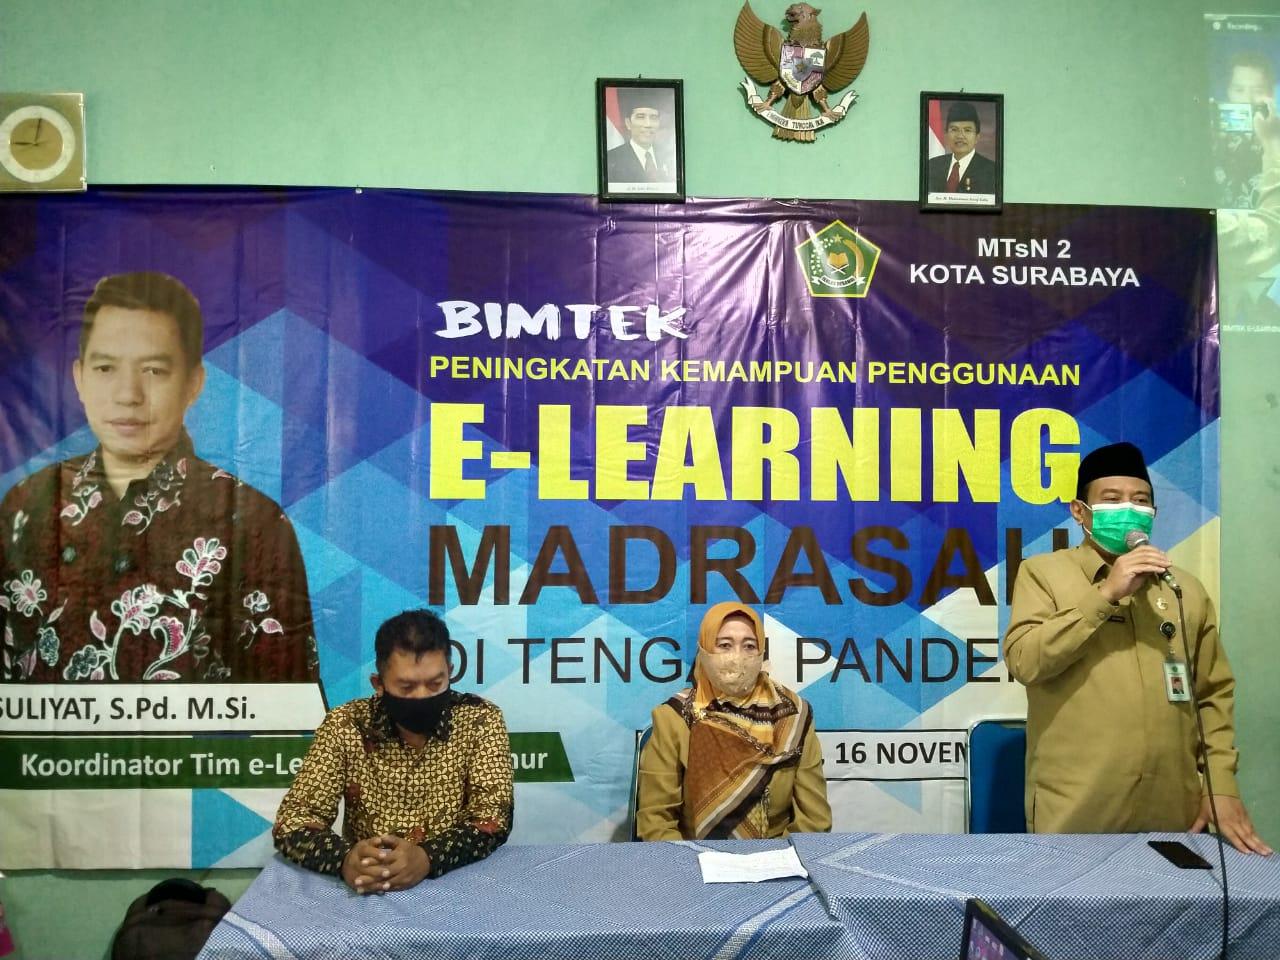 PERINGATI HARI GURU, MADRASAH GELAR BIMTEK E-LEARNING